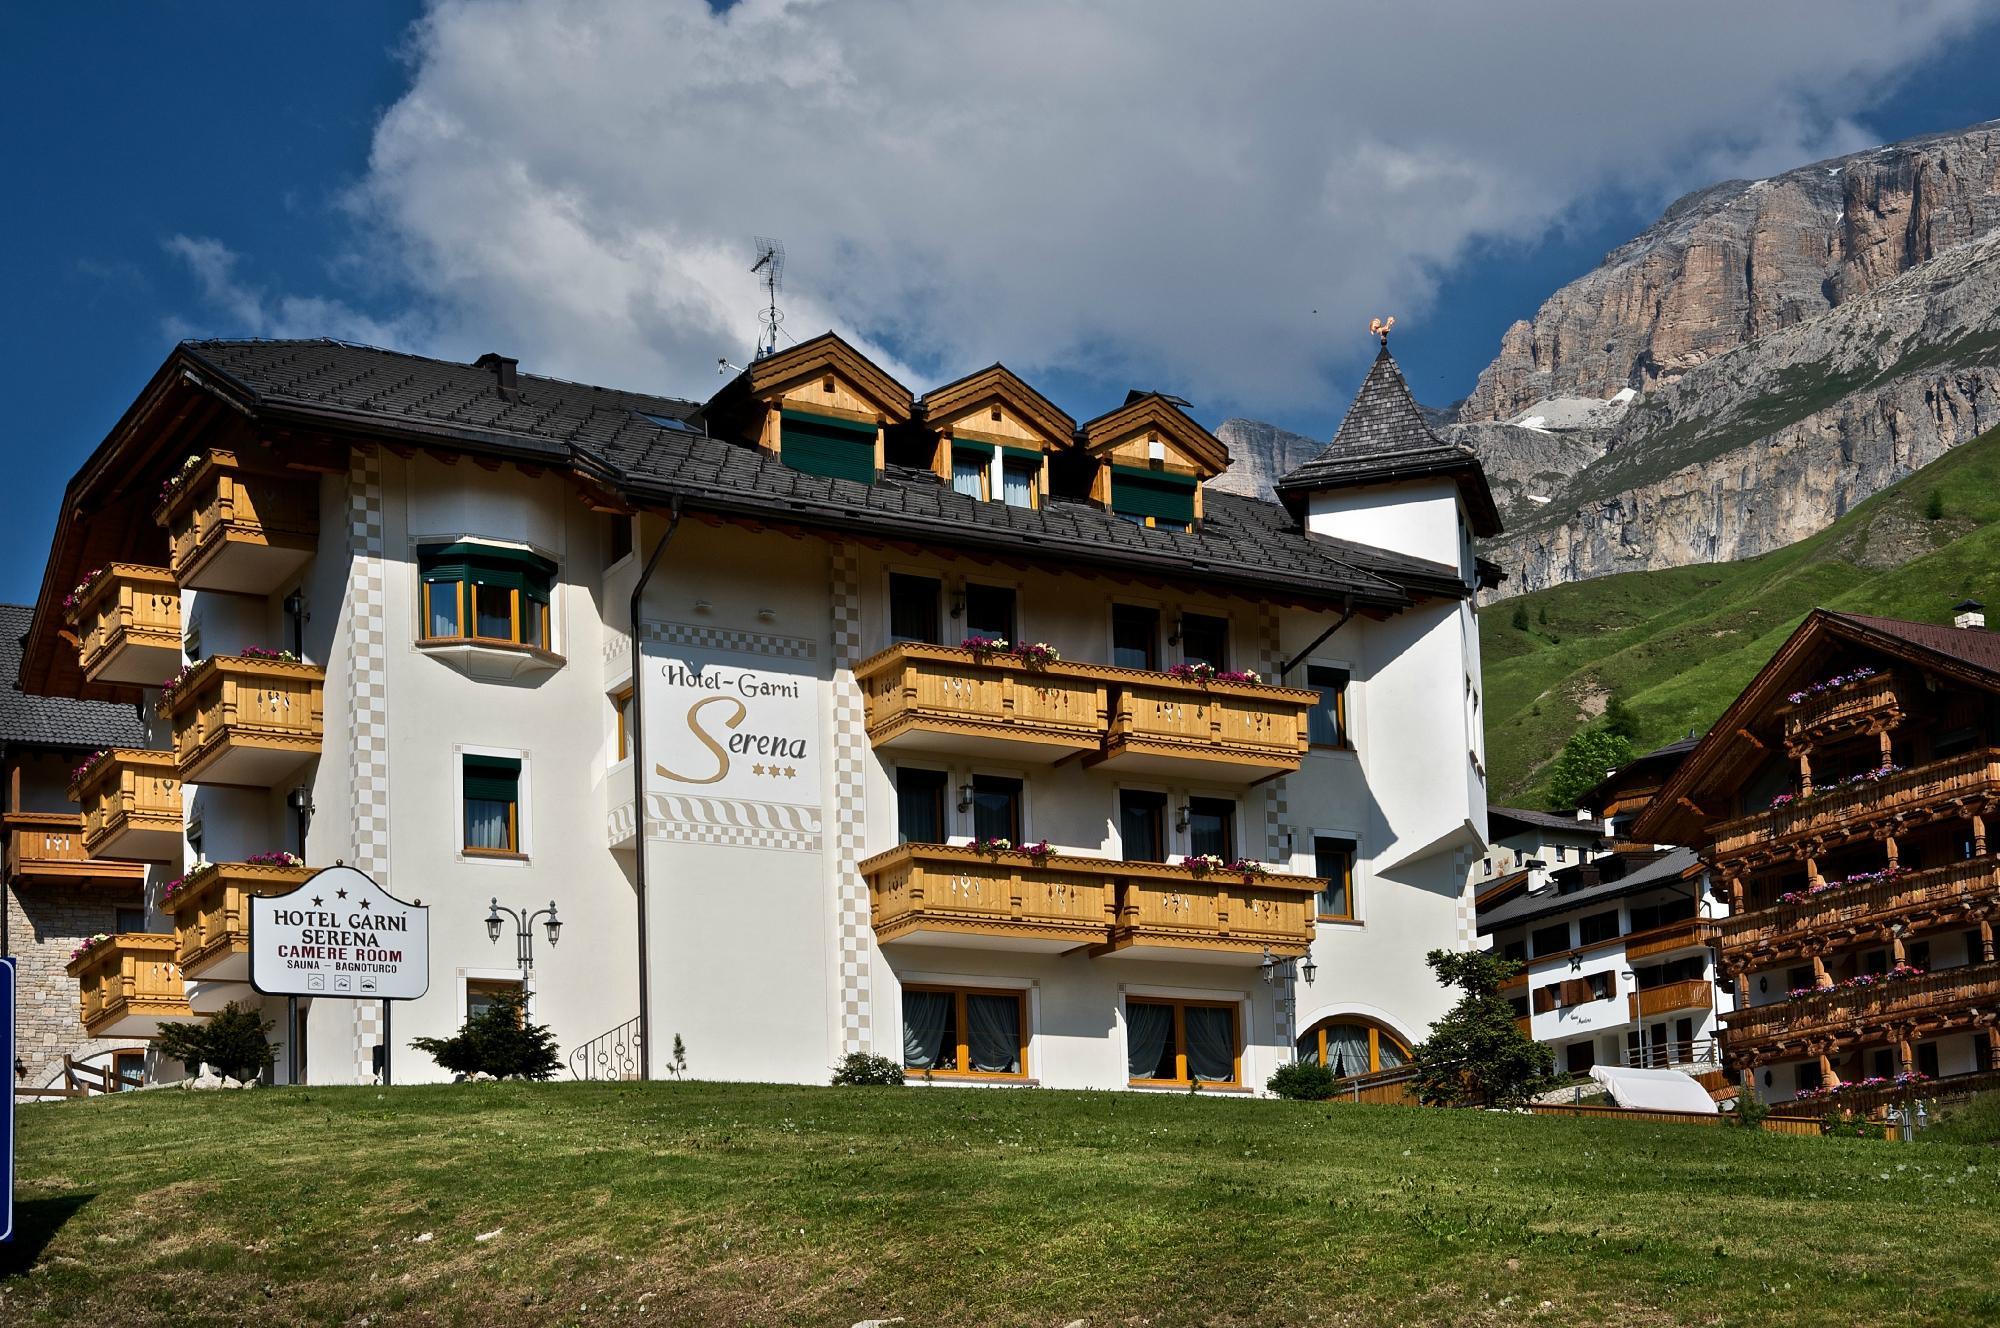 Hotel Garni Serena